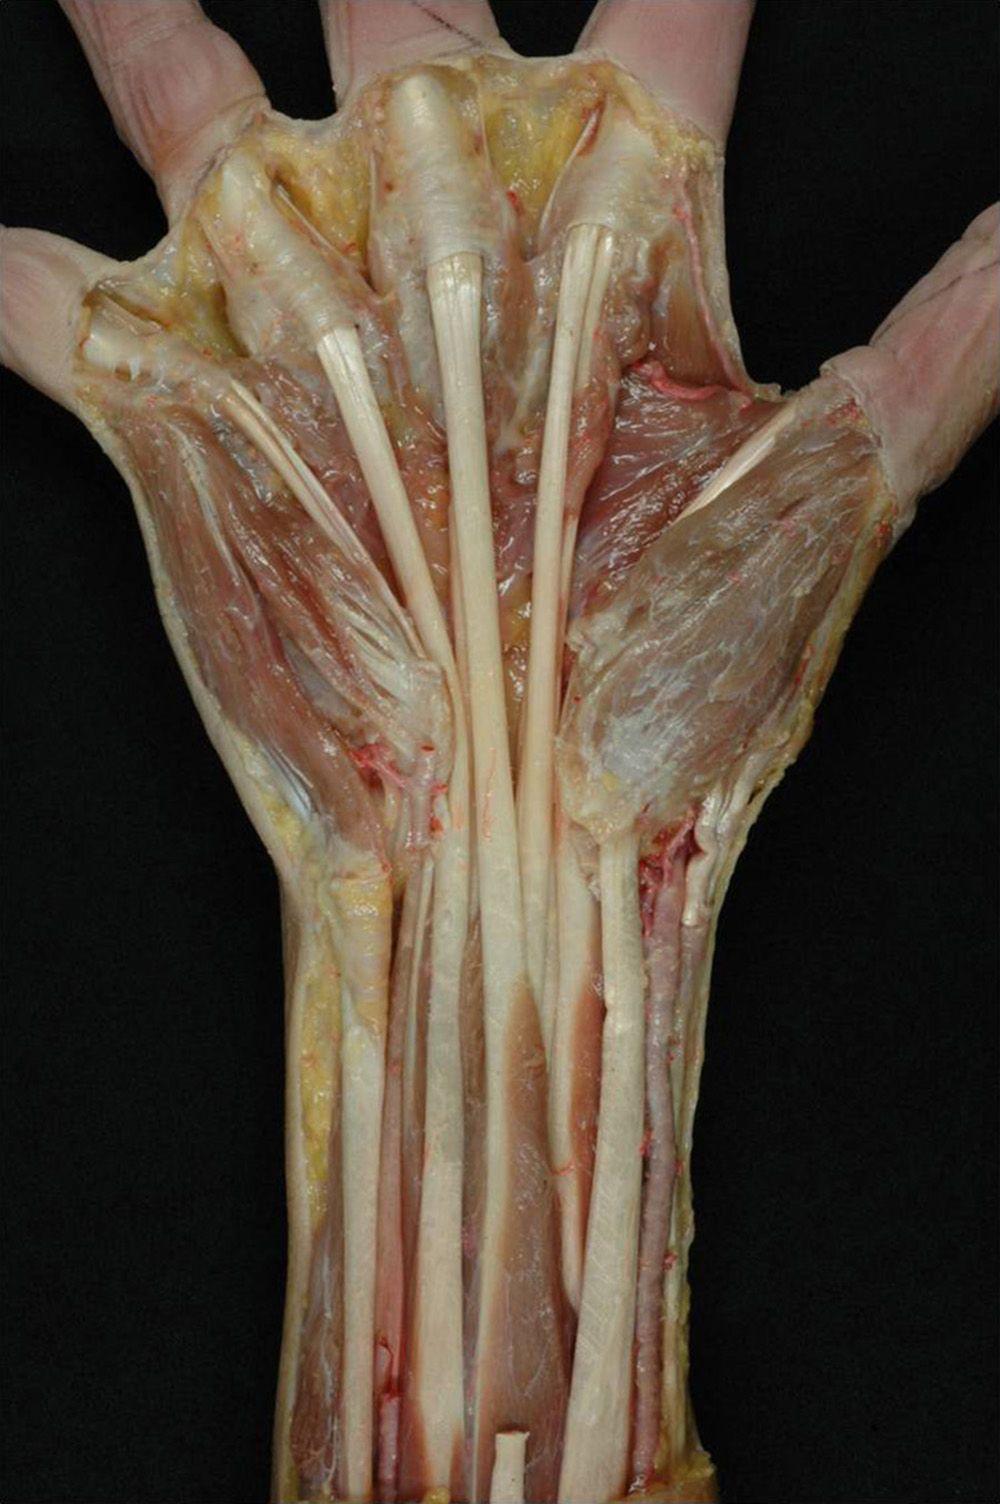 Resultado de imagen de tendones de la mano | Anatomia mano ...